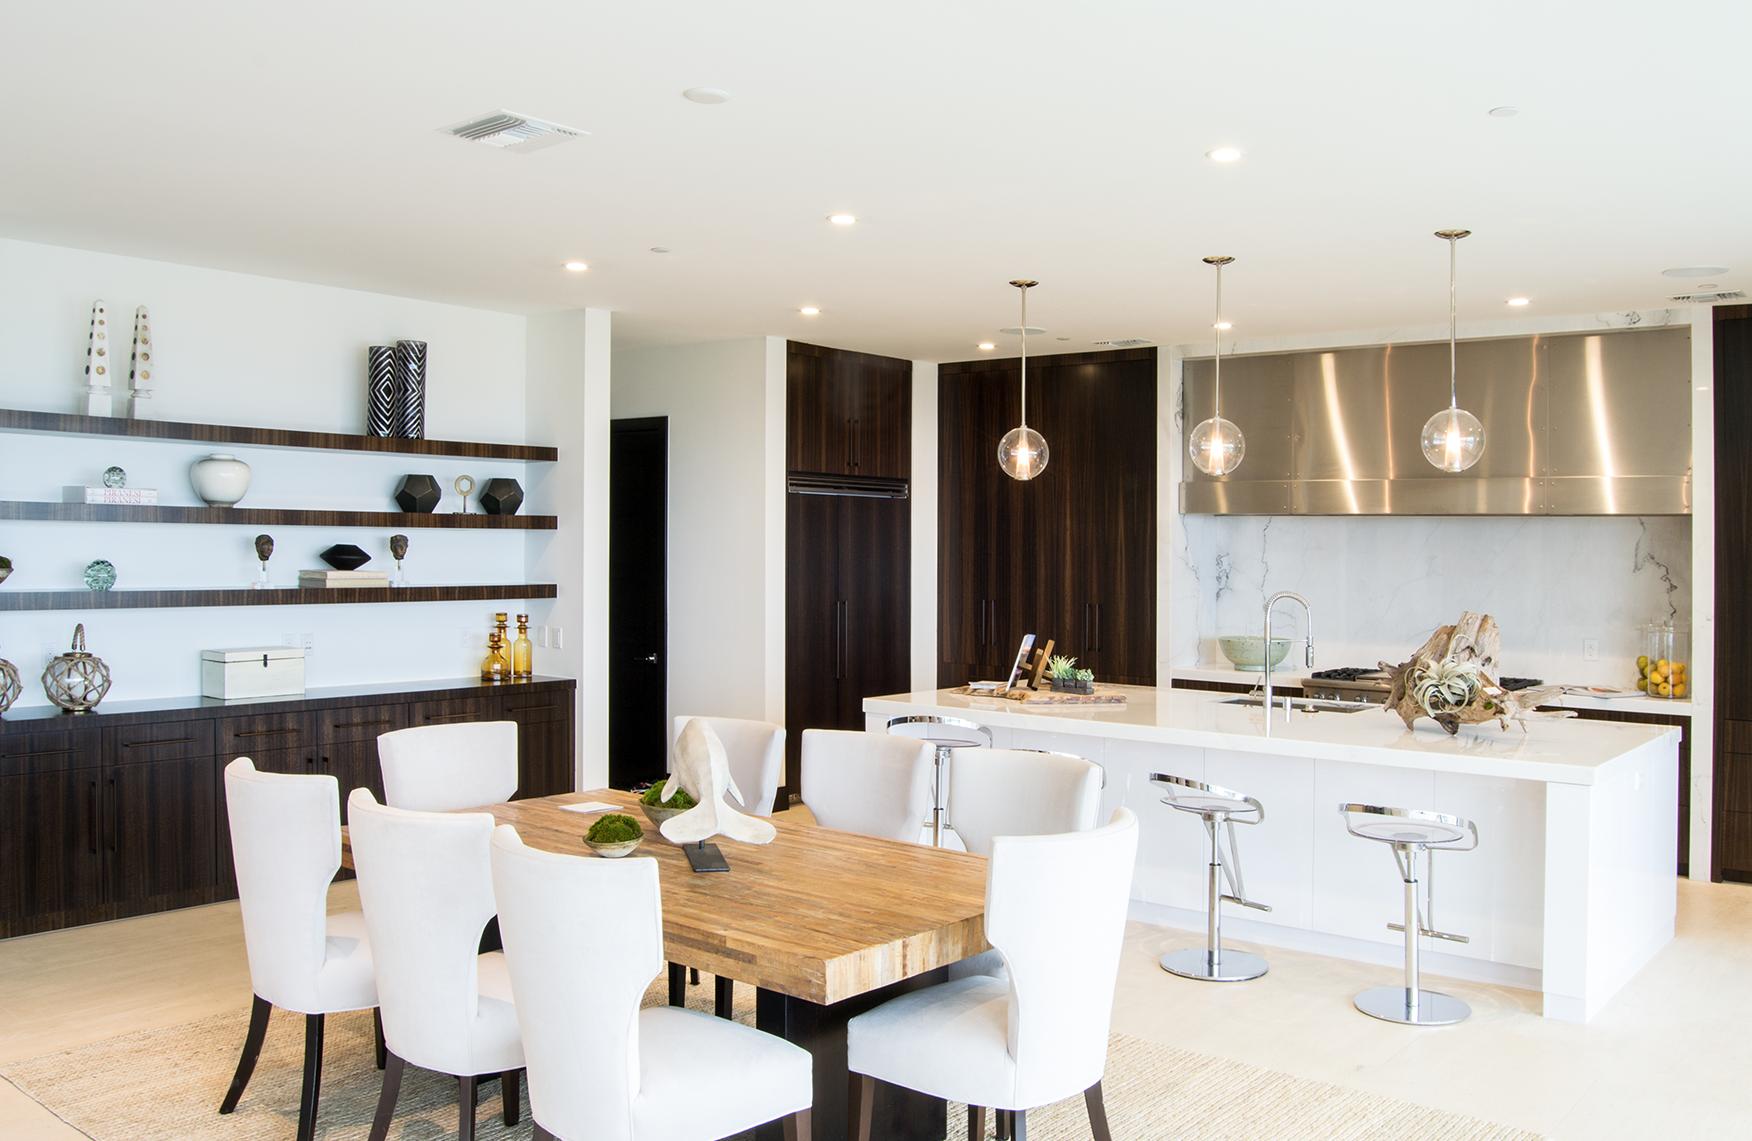 Slab kitchen cabinets  Modern kitchen in Laguna Beach with beautiful slab doors kitchen